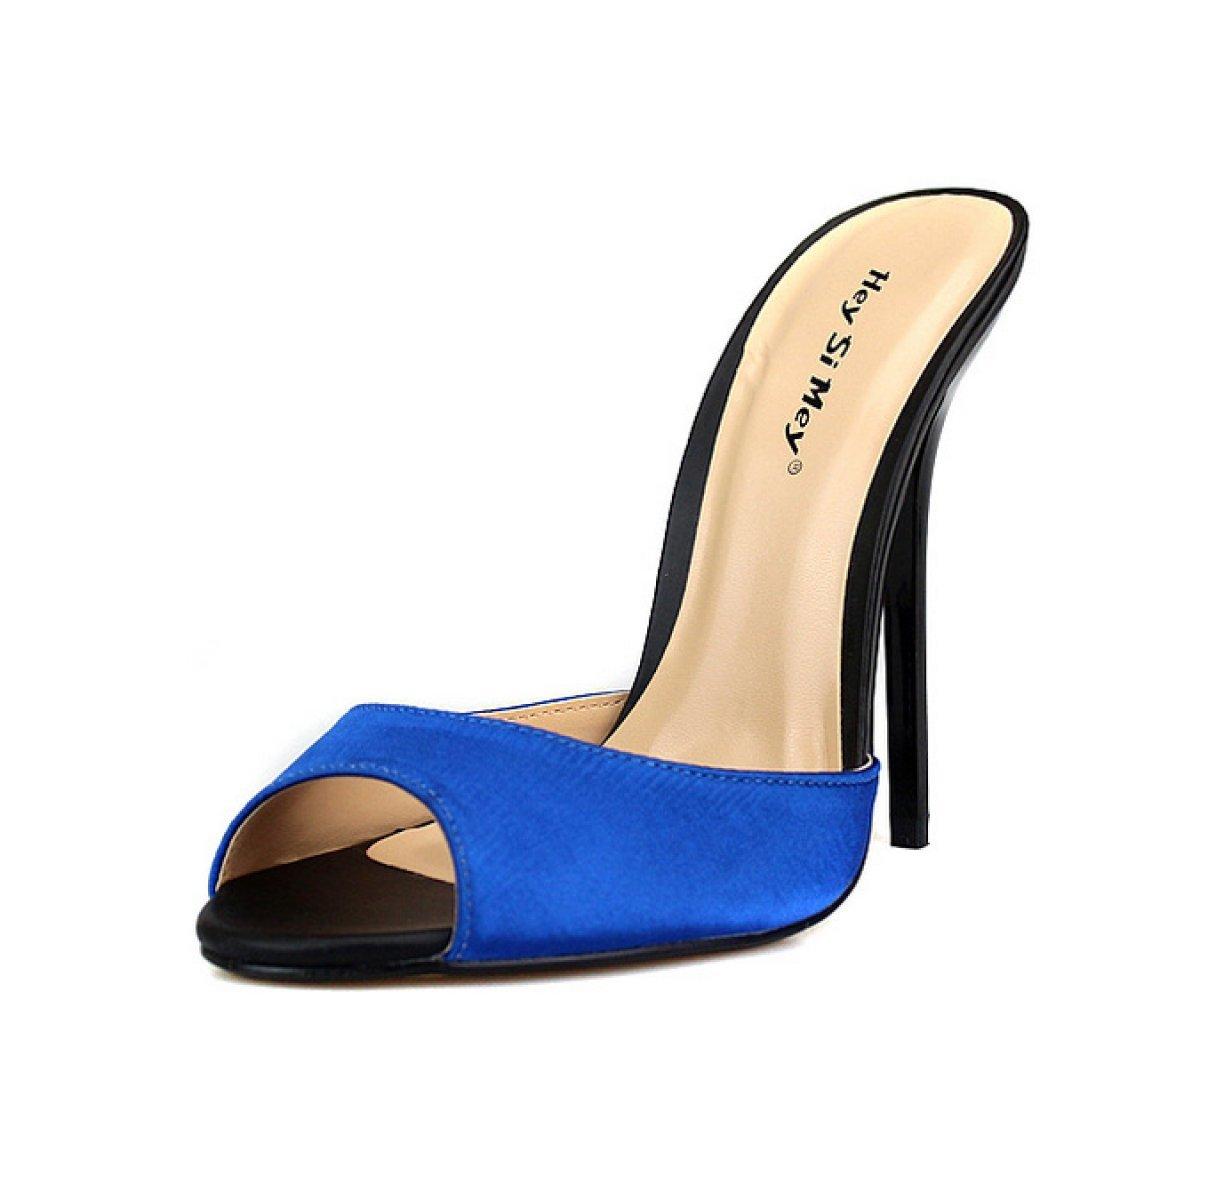 Señoras Sexy Fina Con 14 Cm De Tacones Altos Satén Material Vestido De Fiesta De Graduación (siete Colores Opcionales) 42 EU|Blue